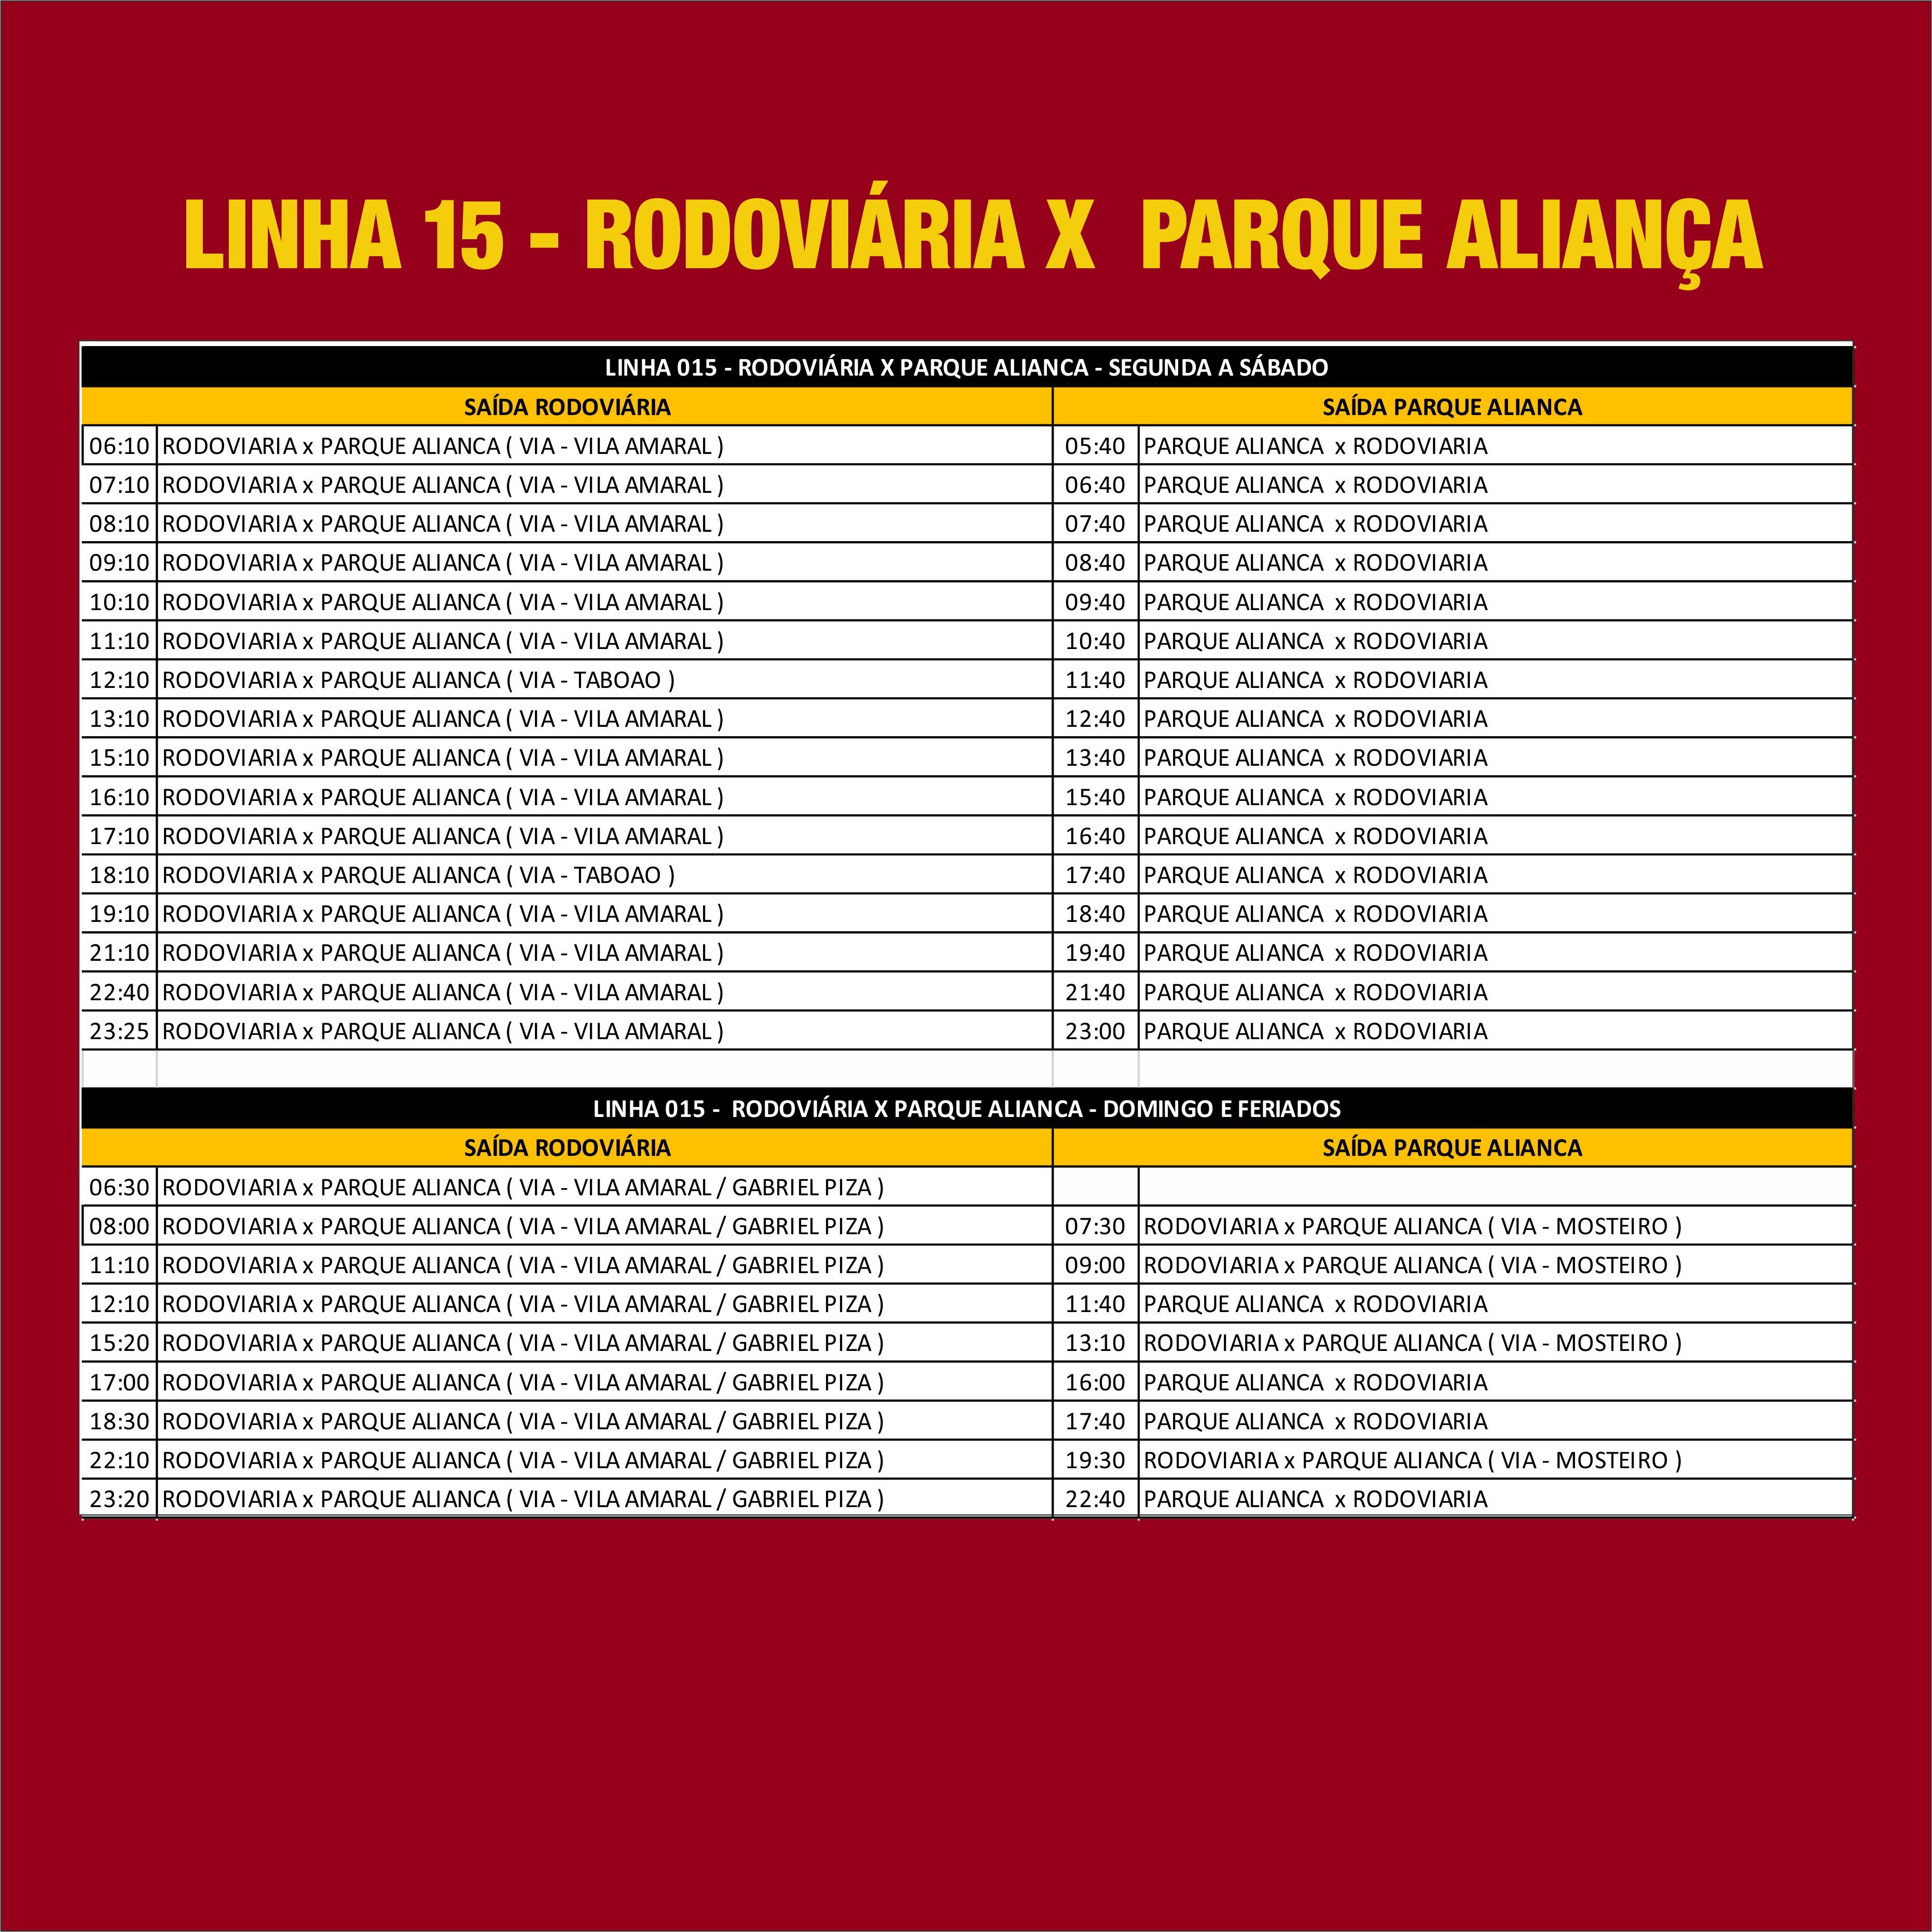 LINHA15